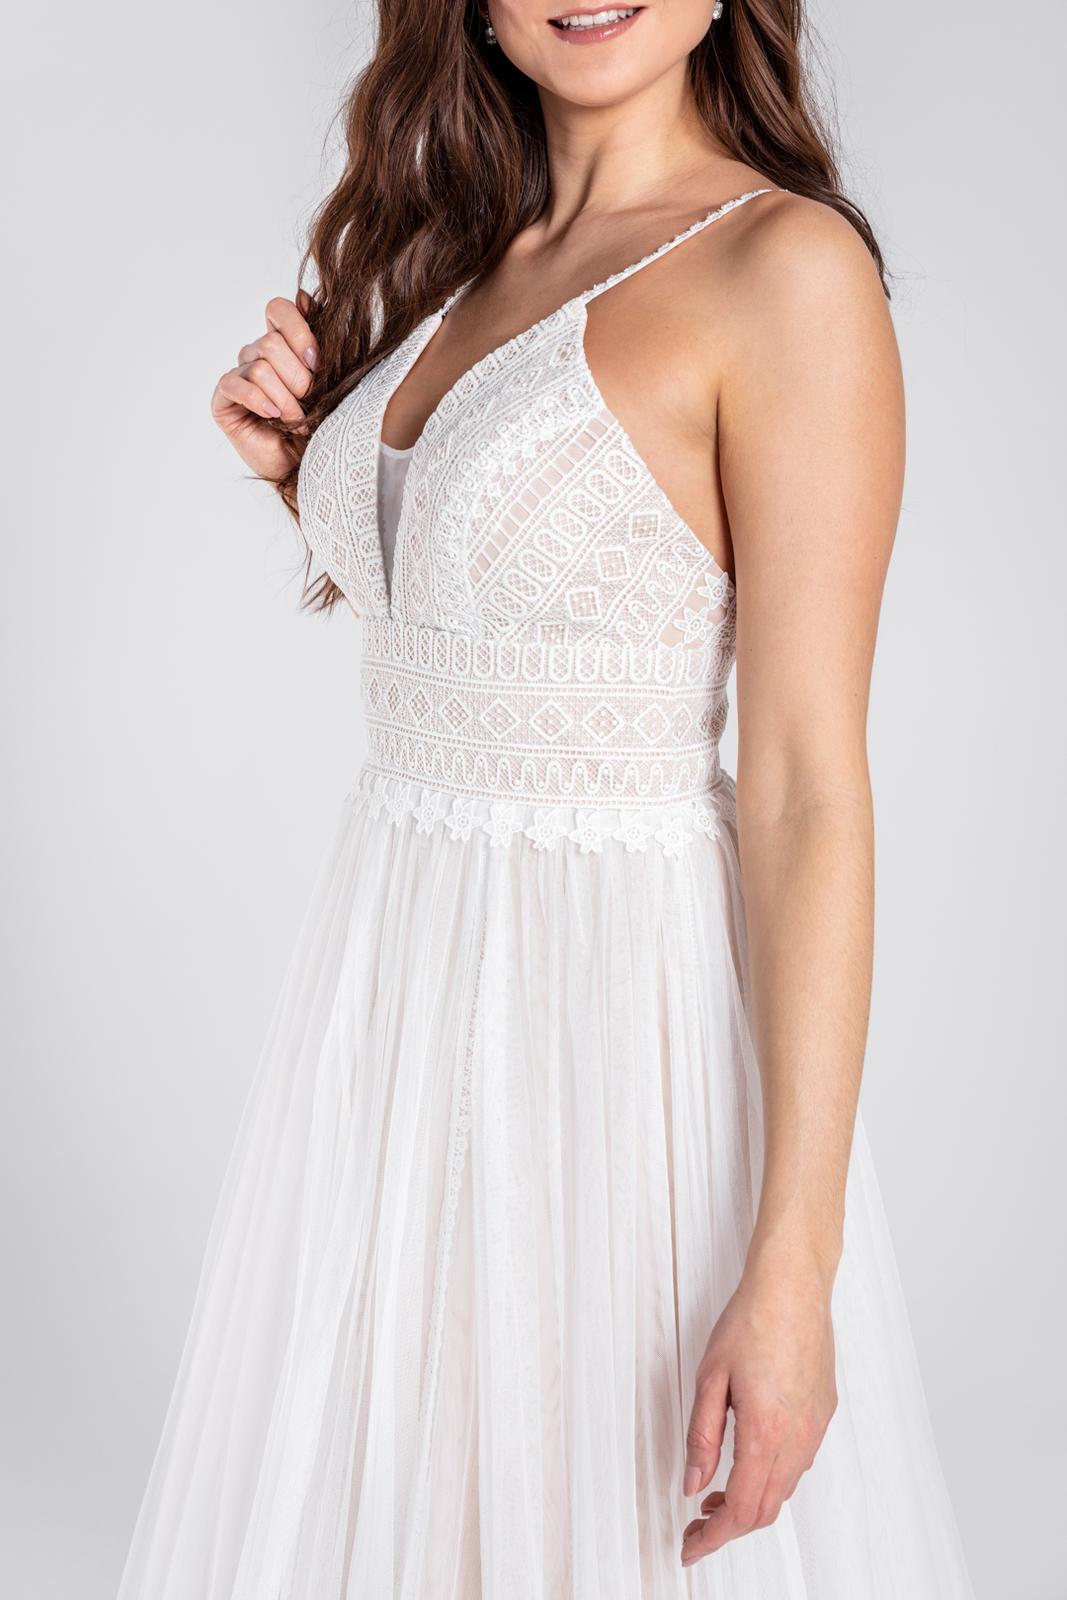 Dokonale svatební šaty v boho stylu 32-42 - Obrázek č. 1